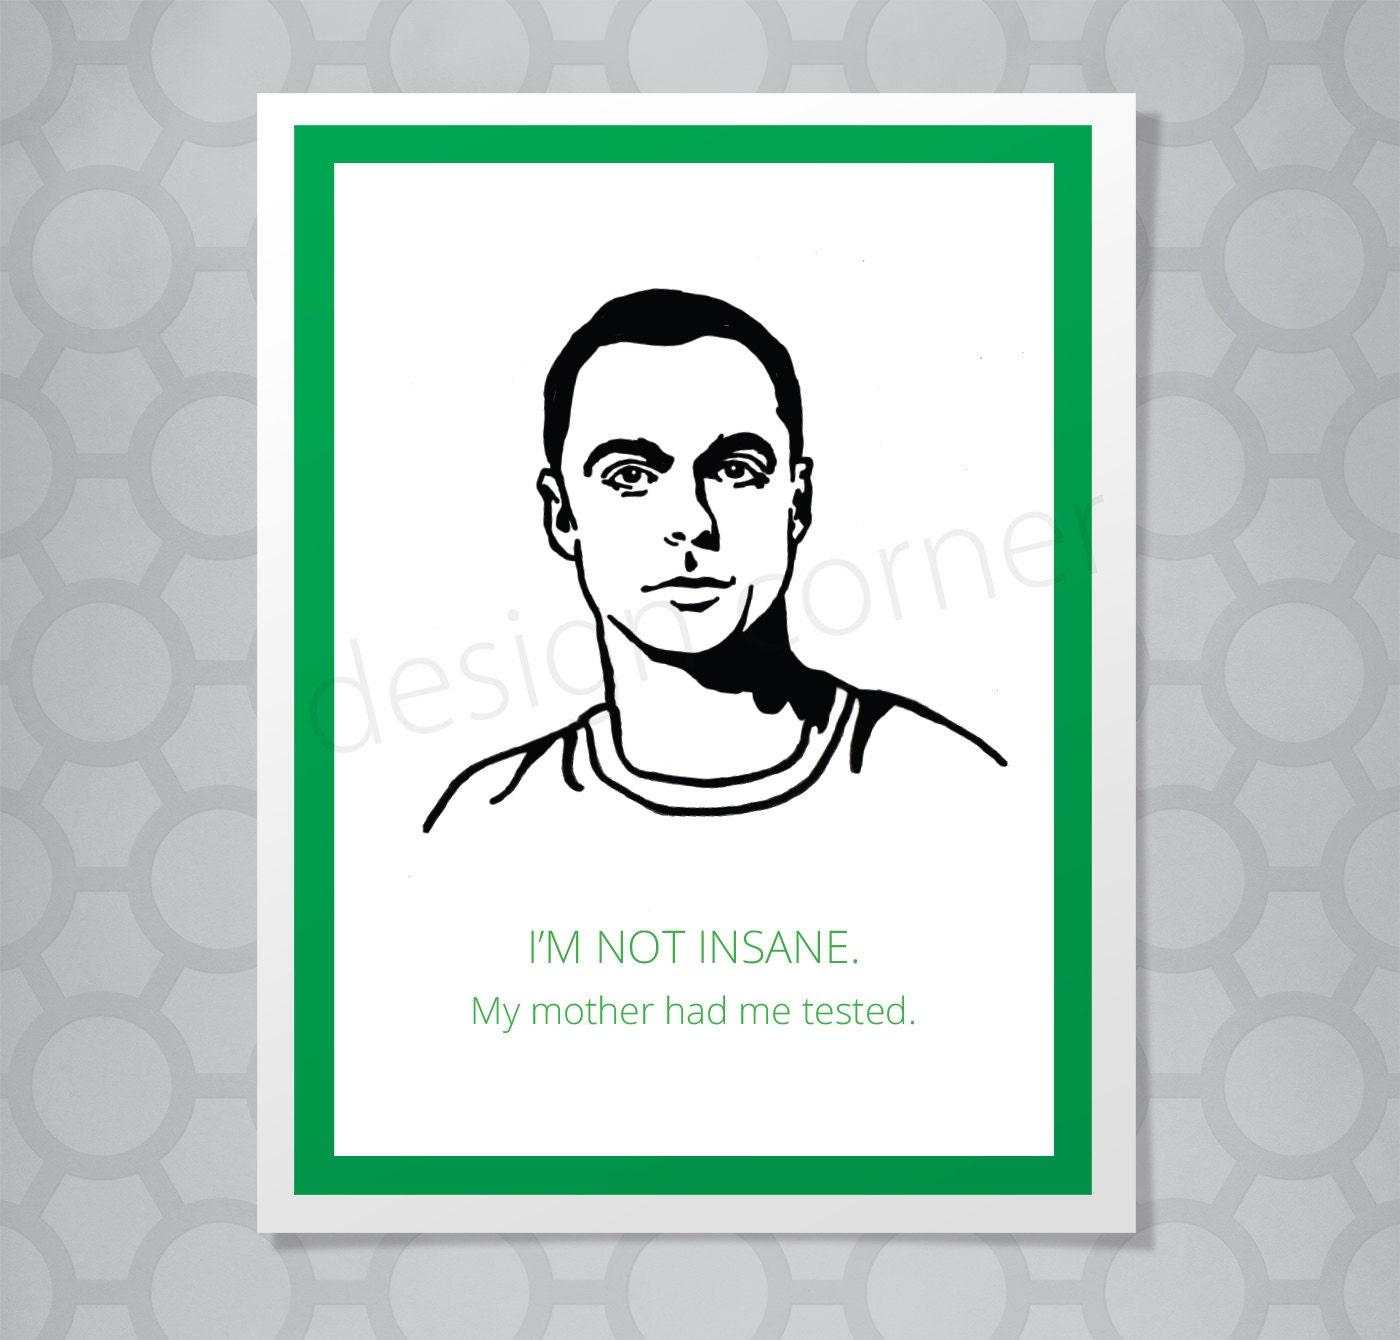 Funny Illustrated Big Bang Theory Sheldon Im Not Insane – Big Bang Theory Birthday Card